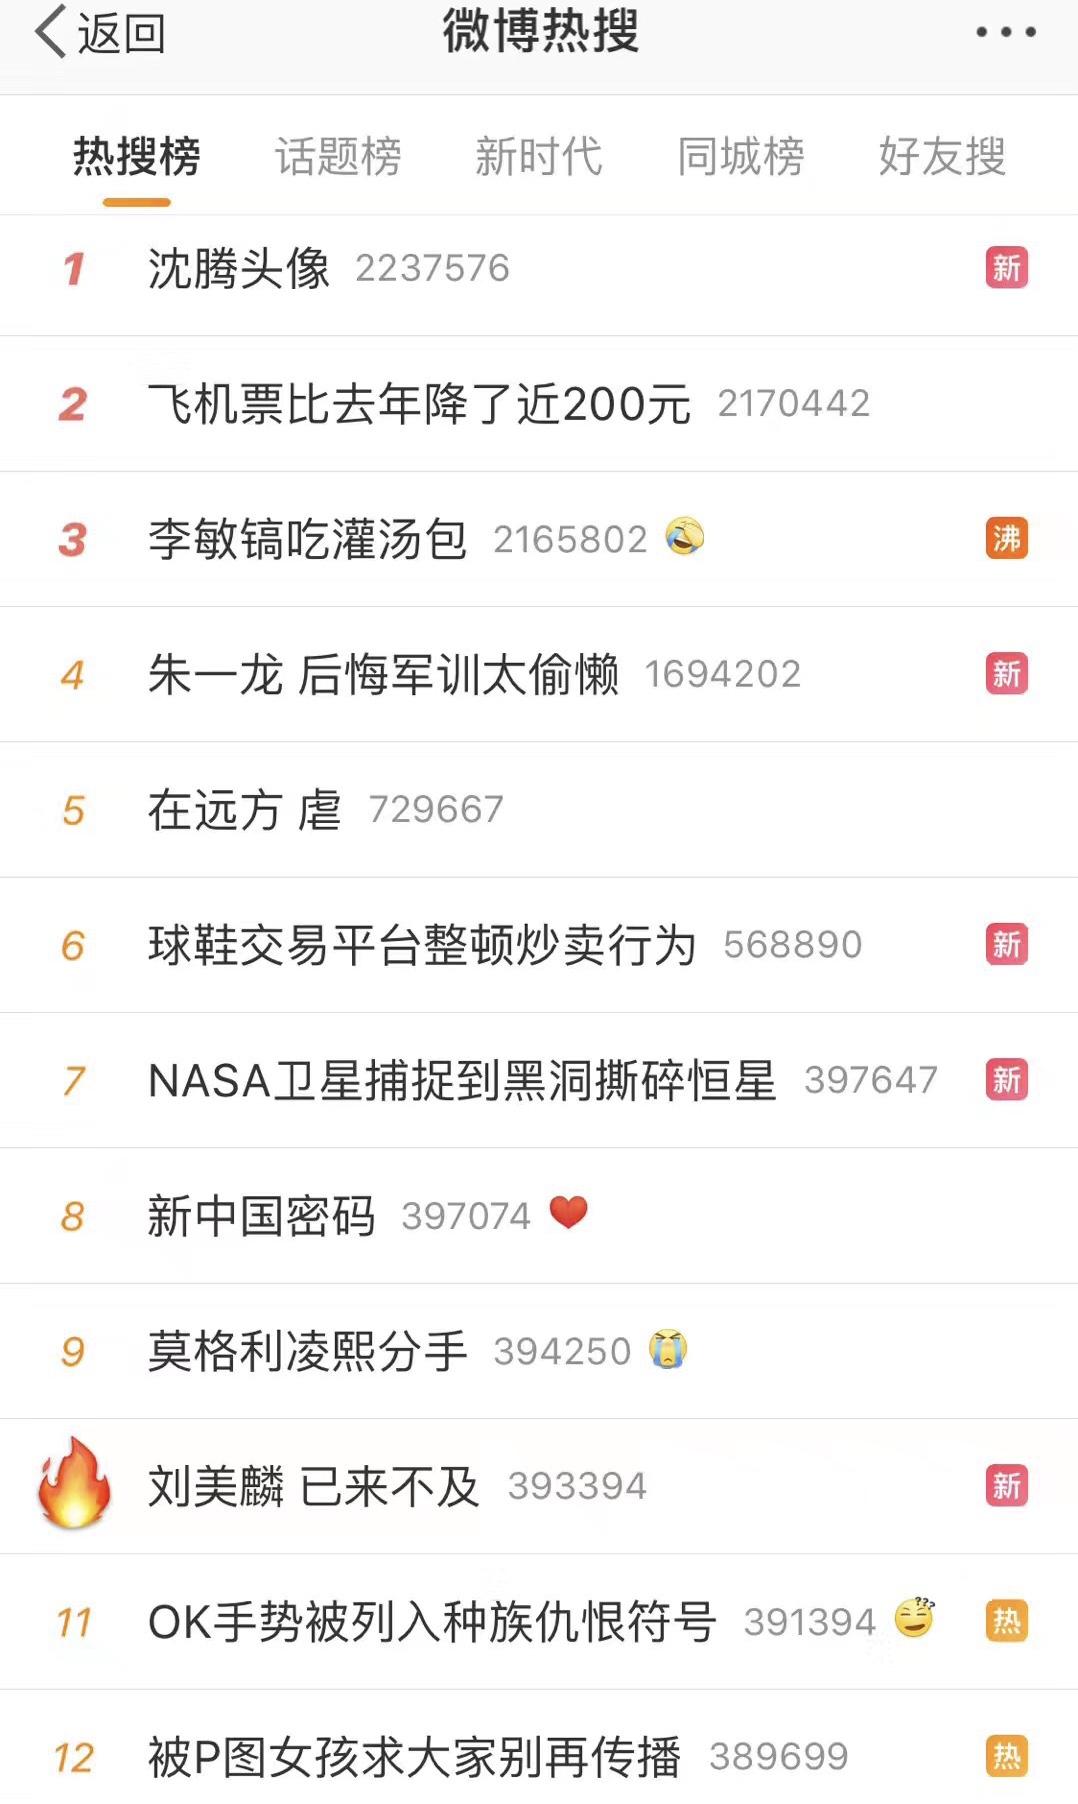 《中国好声音》刘美麟遭淘汰引争议 网友:黑幕太多